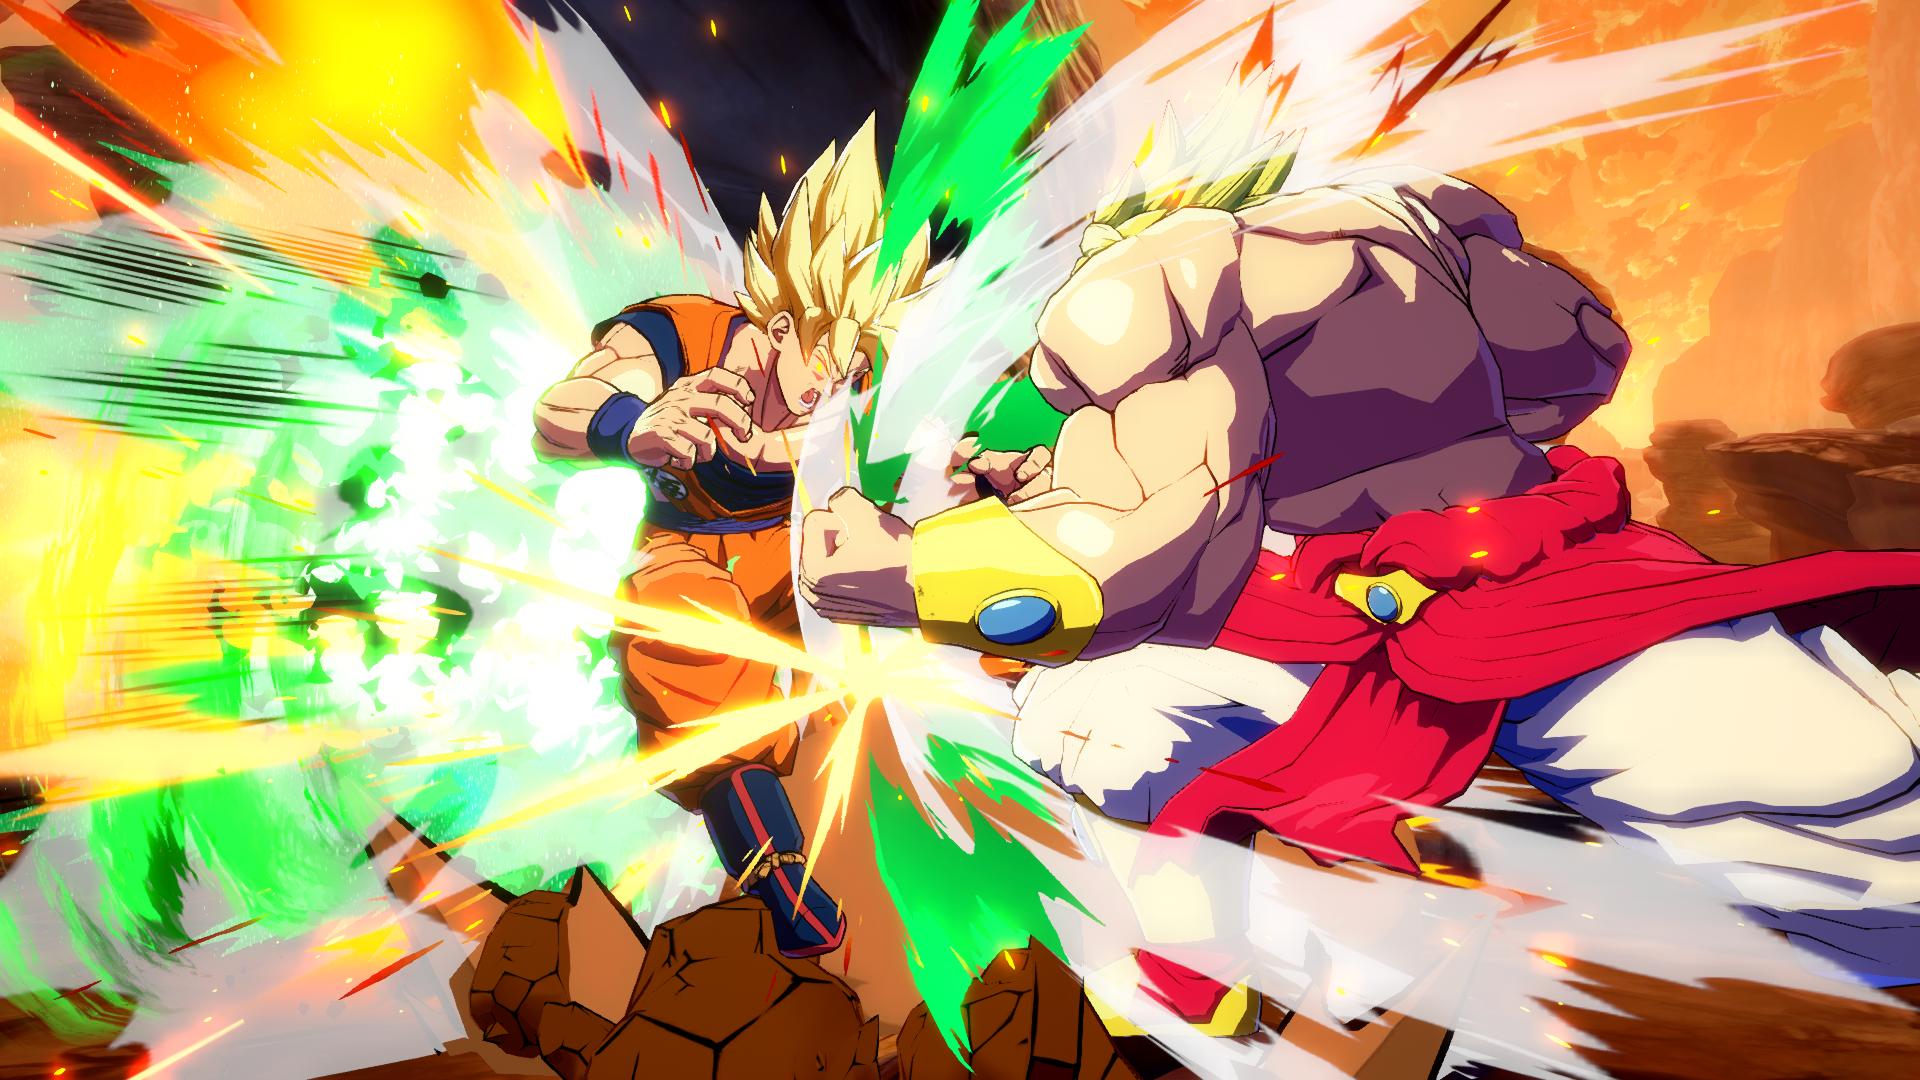 Imágenes De Demostración De Fuerza De Broly En Dragon Ball